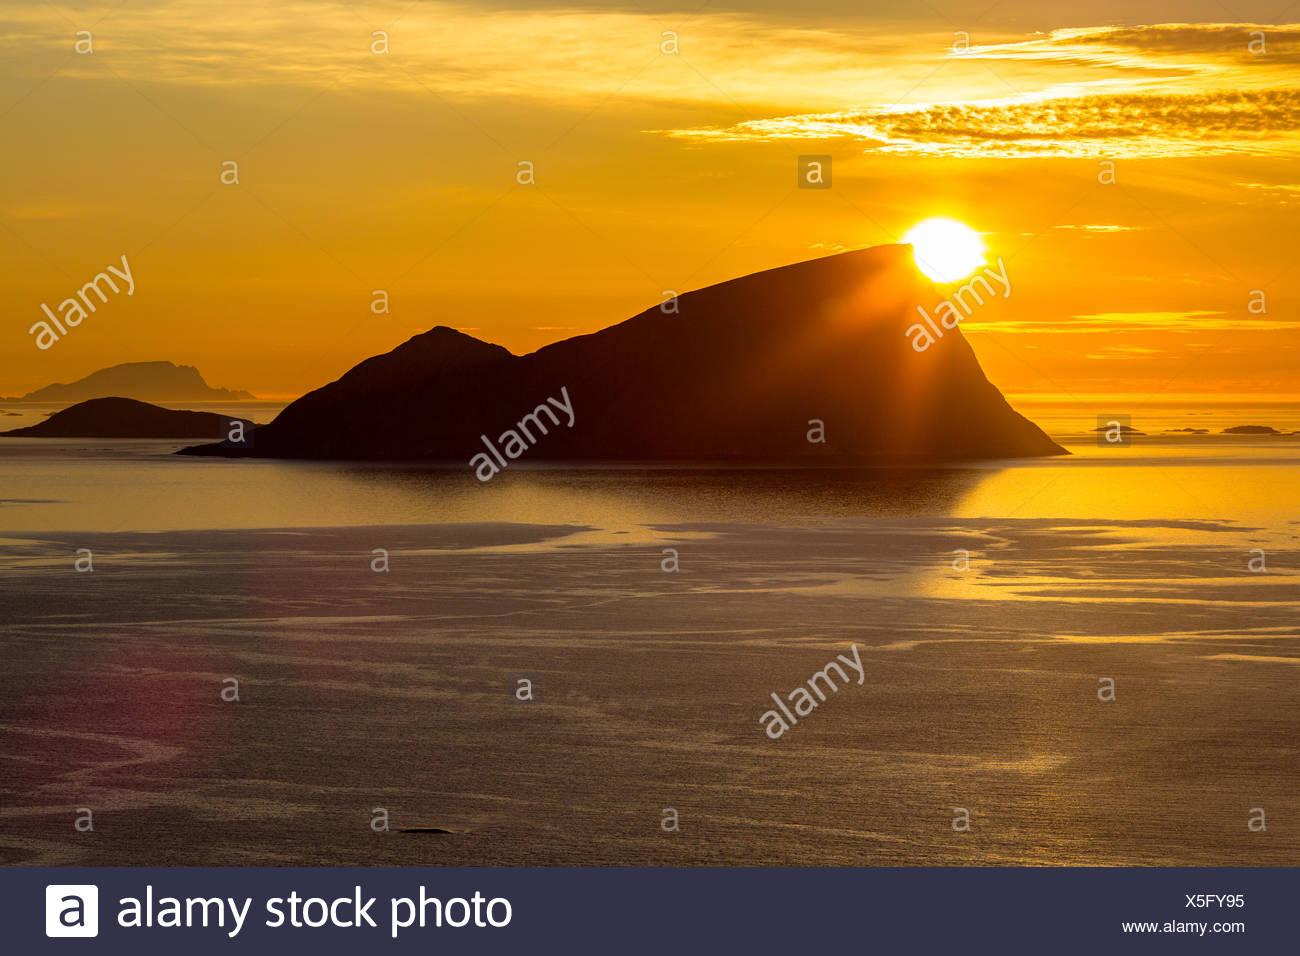 Silhouette Rock Formation à la Orange Ciel Photo Stock